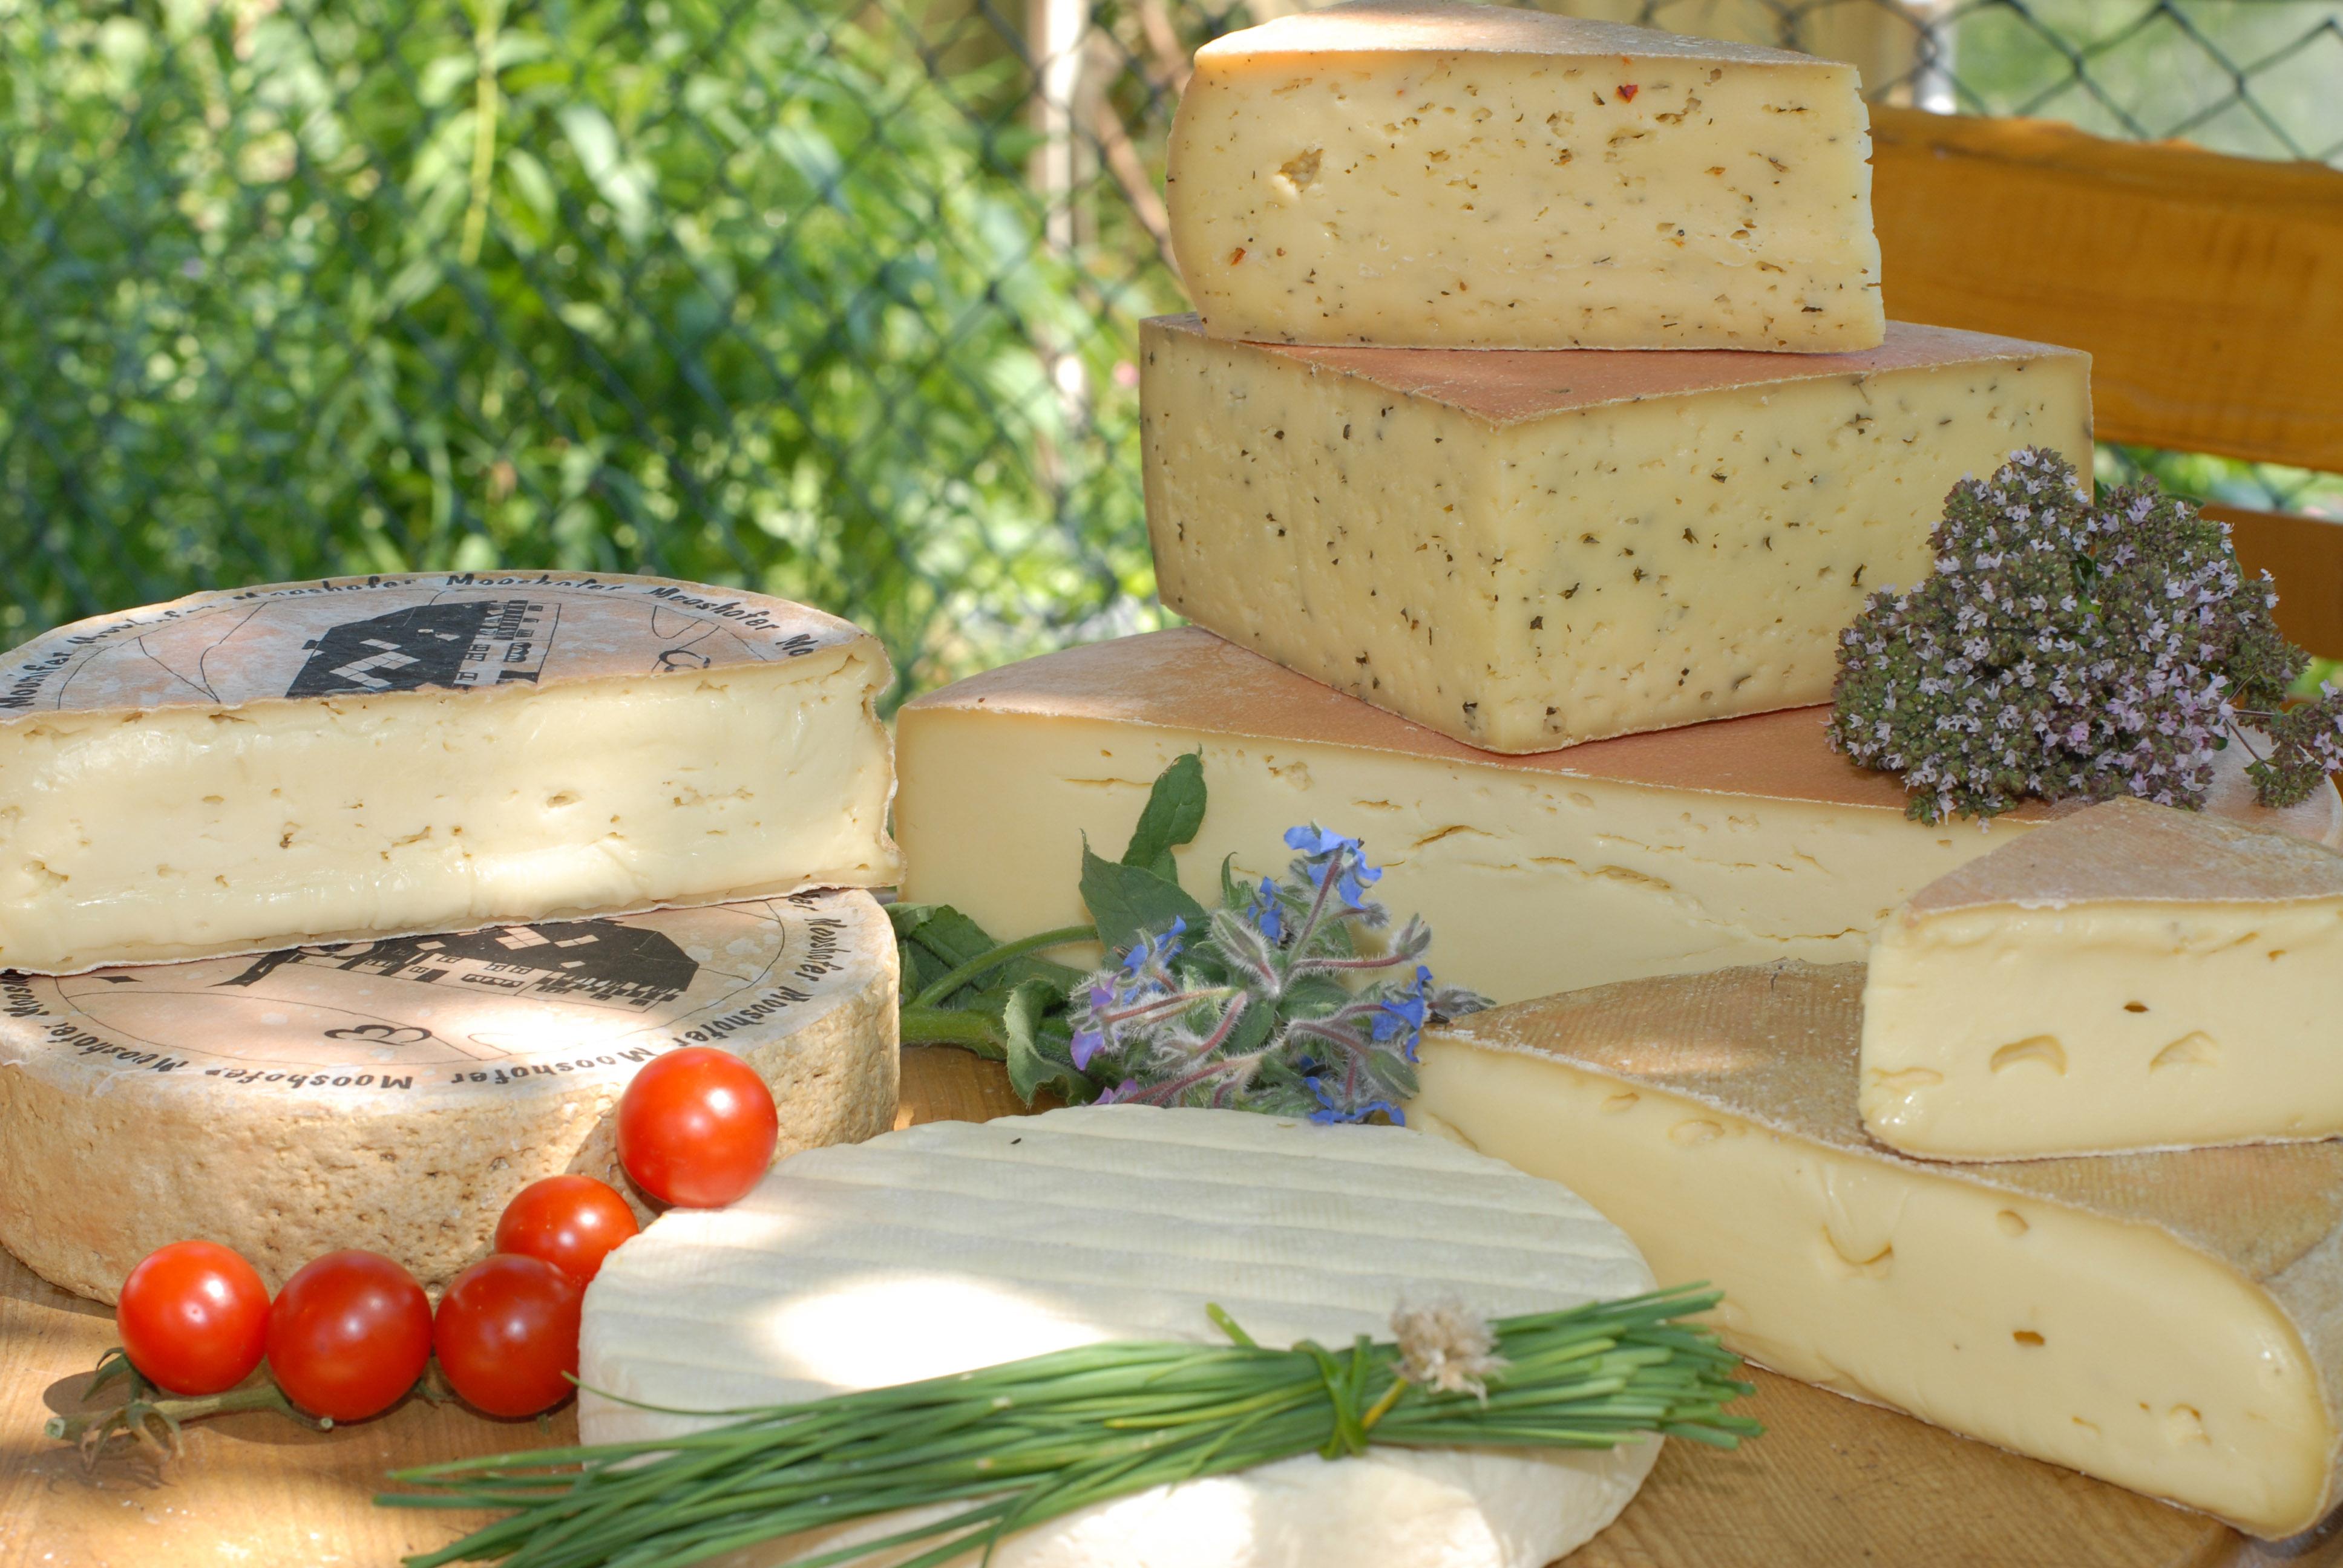 Leckerer Käse aus Rohmilch